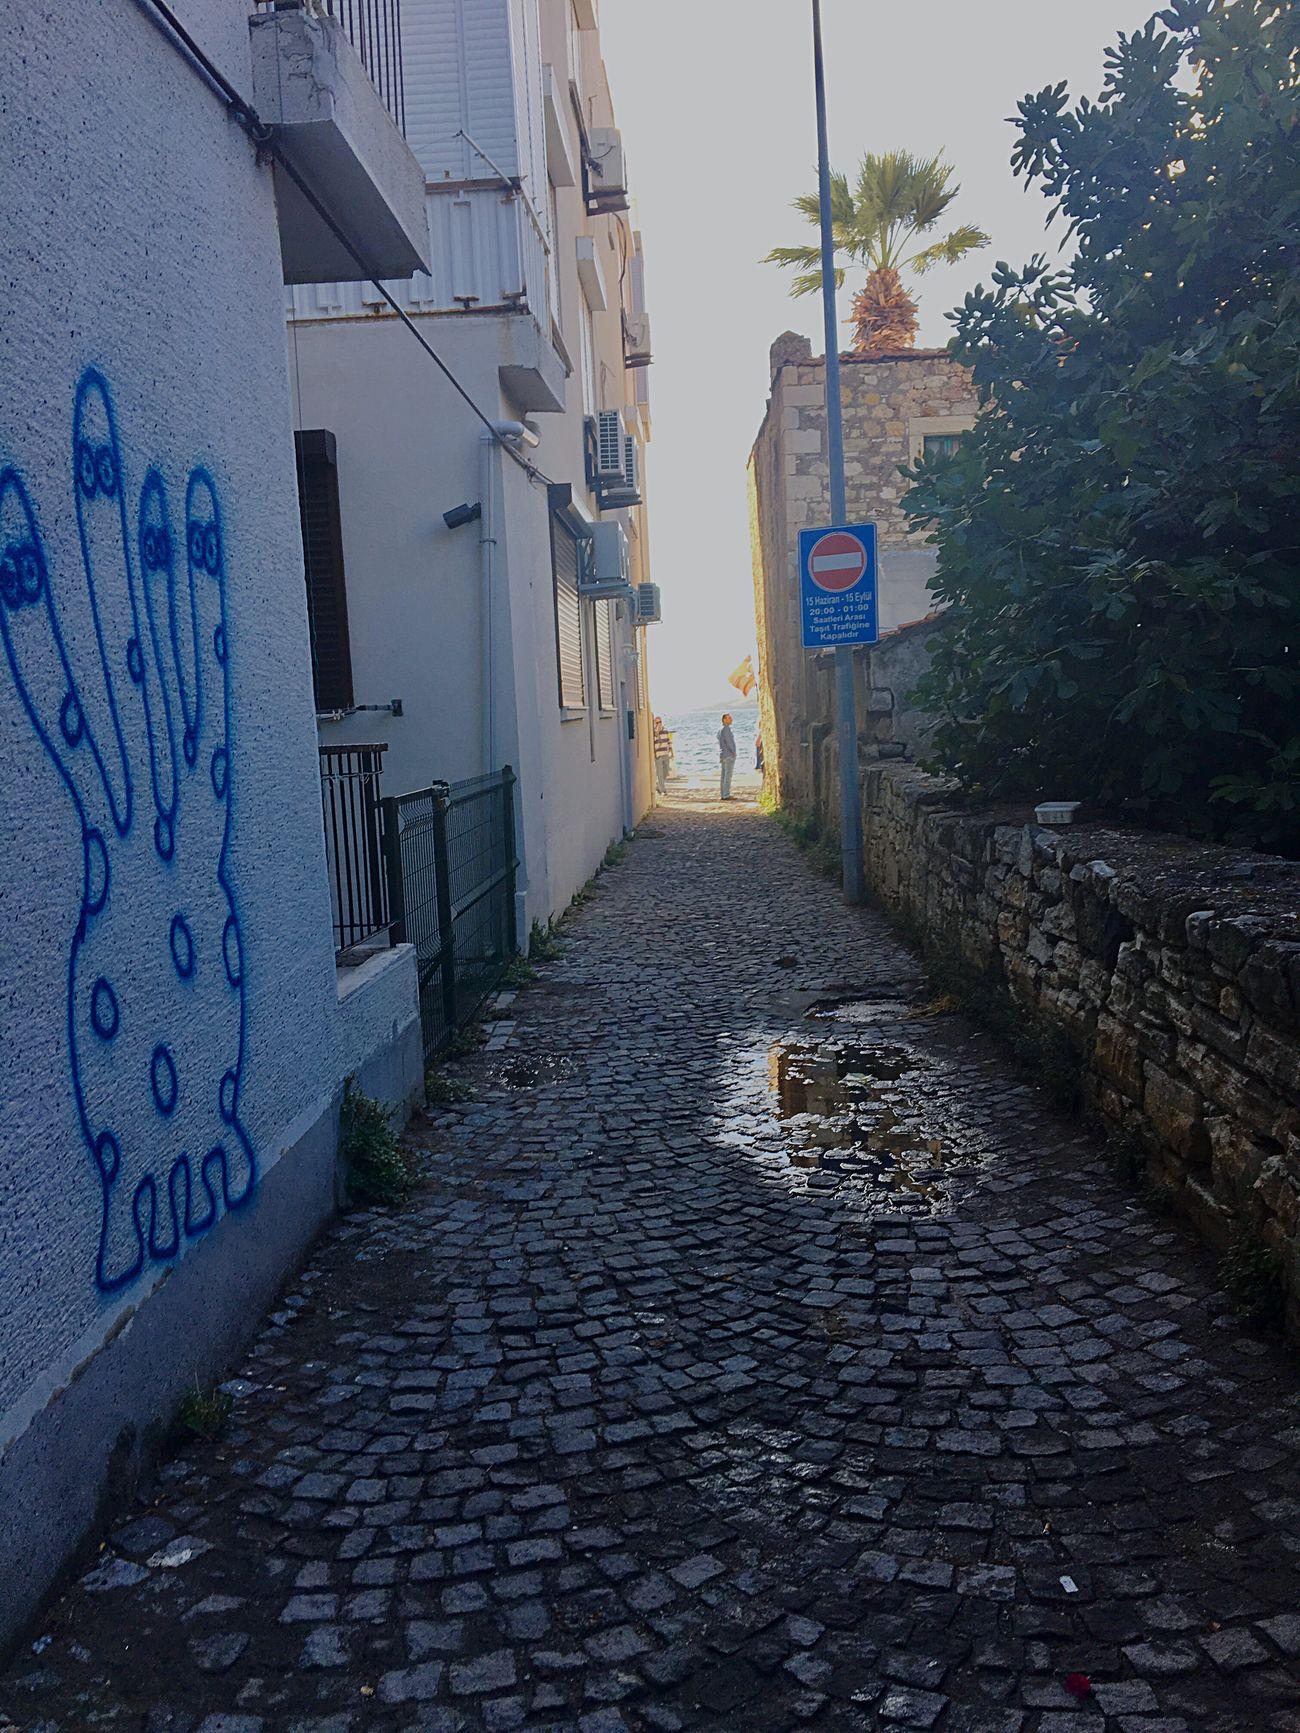 Yolu denize çıkan sokaklar... Türkiye Eskifoca Izmir Arnavutkaldırımı Streetphotography Day Sokaklar Agean Sea Phokaia